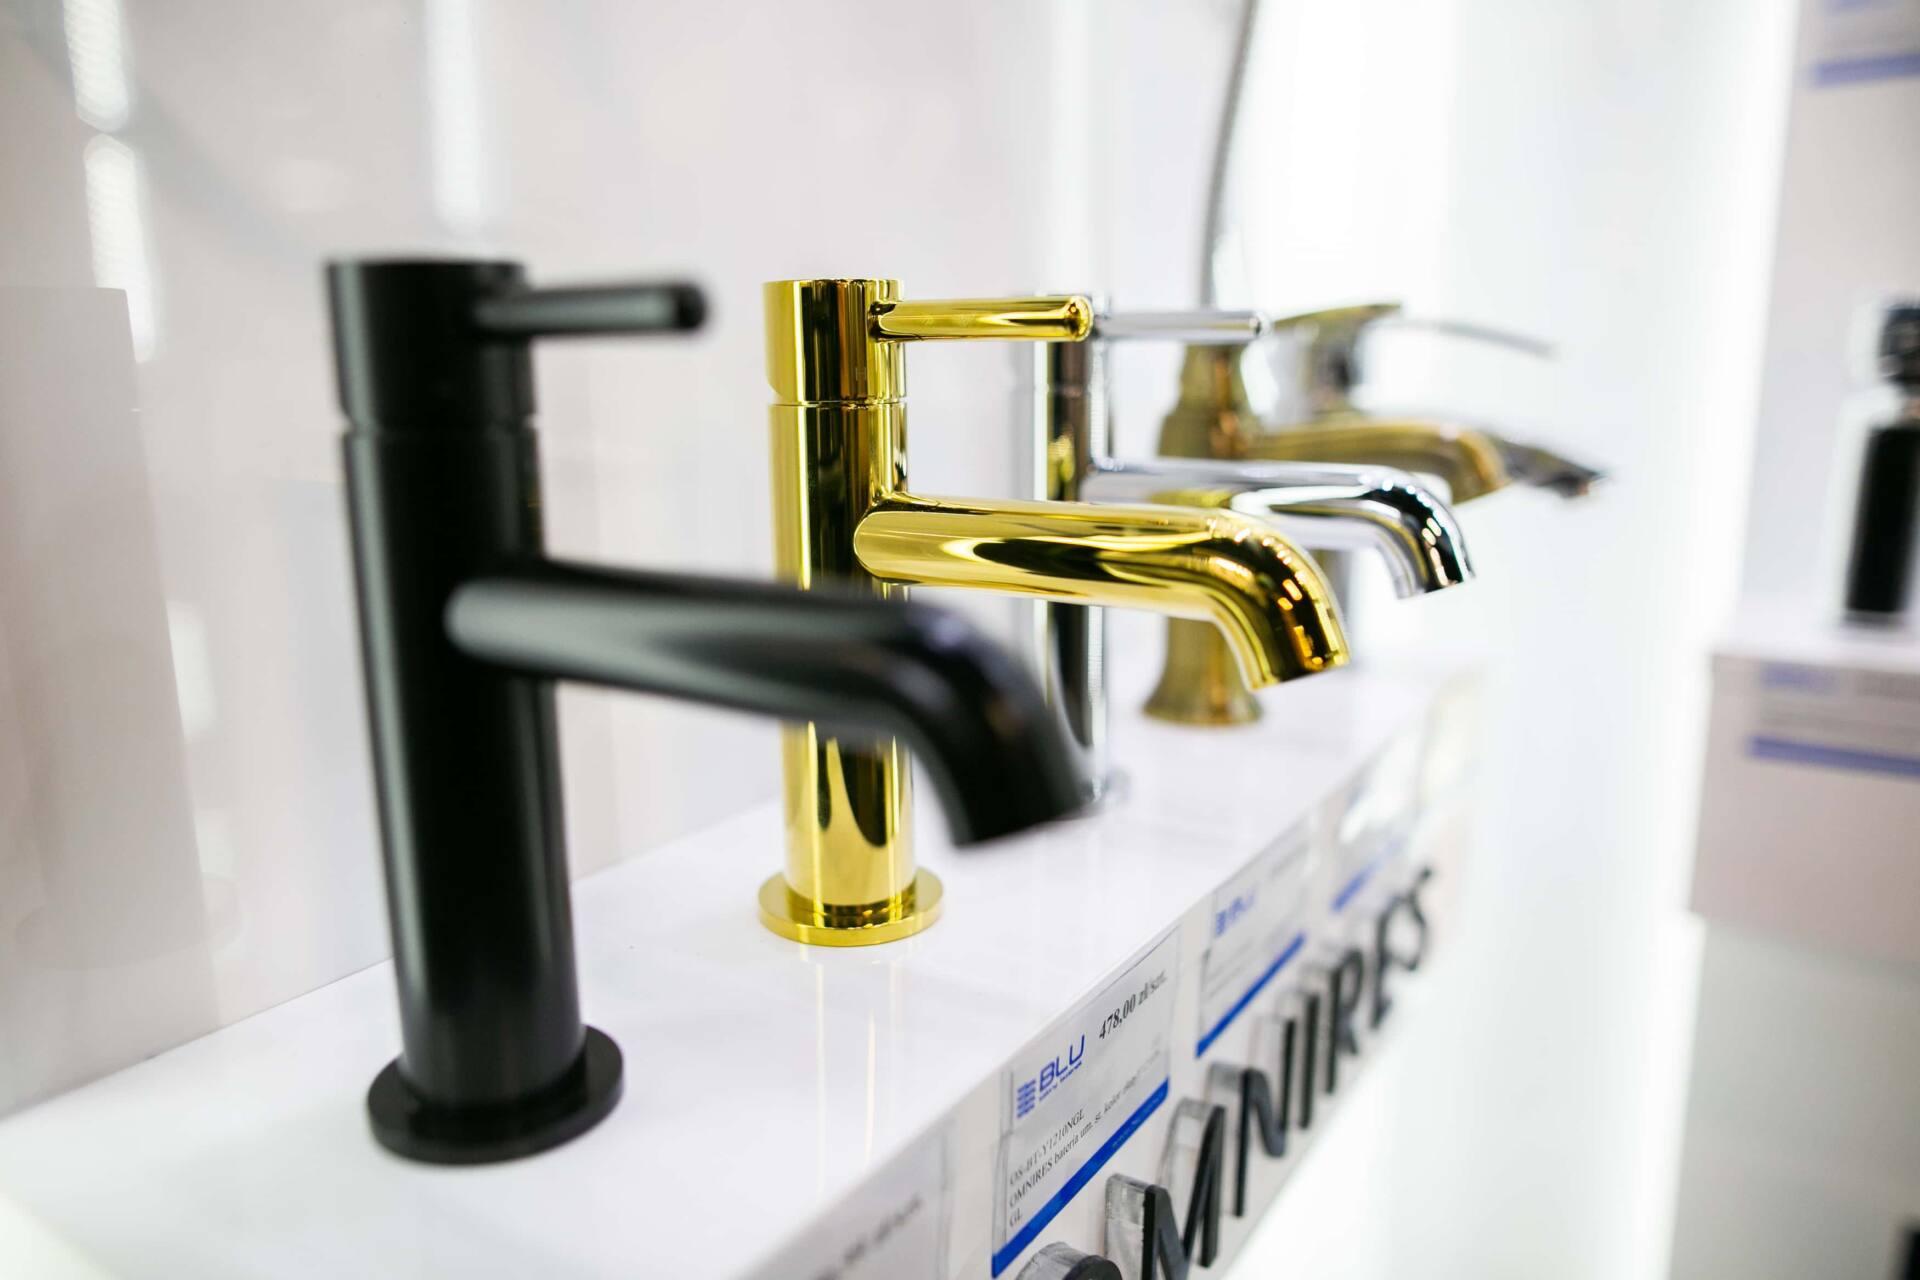 5db 5616 Salon BLU: na ponad 500 m2., 36 łazienkowych aranżacji i bogata ekspozycja wyposażenia (zdjęcia)